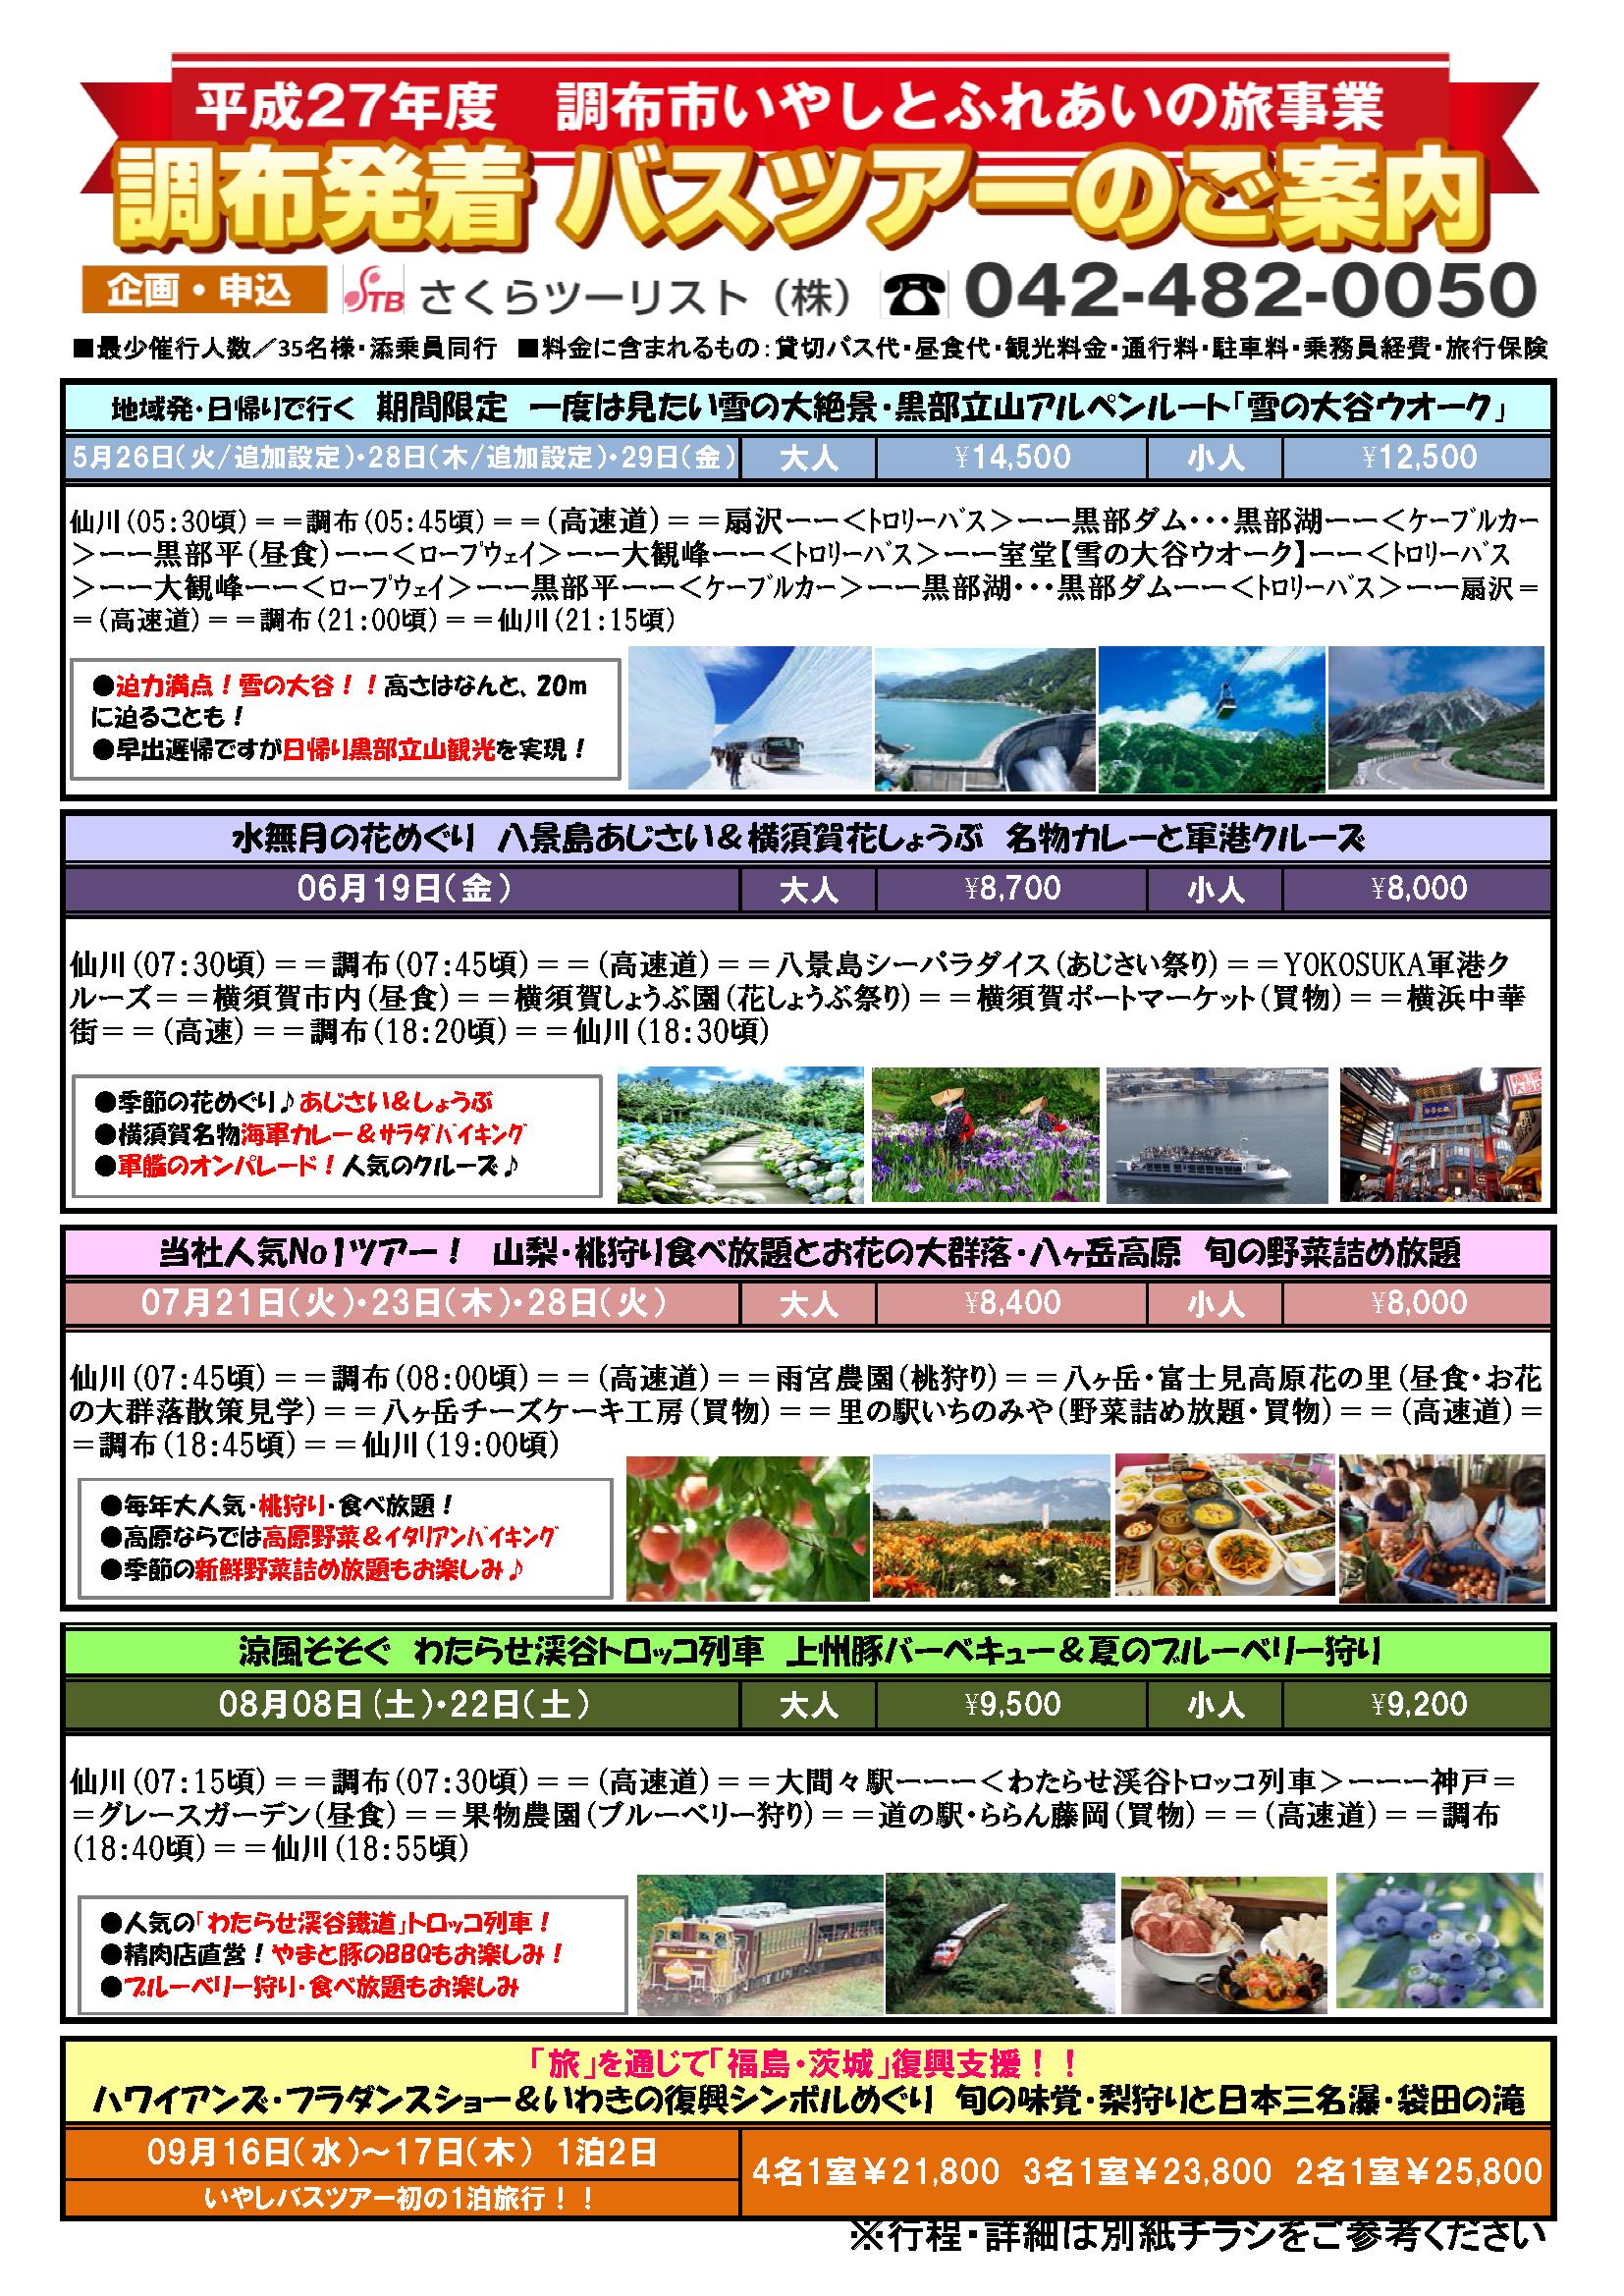 平成27年度 バスツアー一覧(PDF) p.1